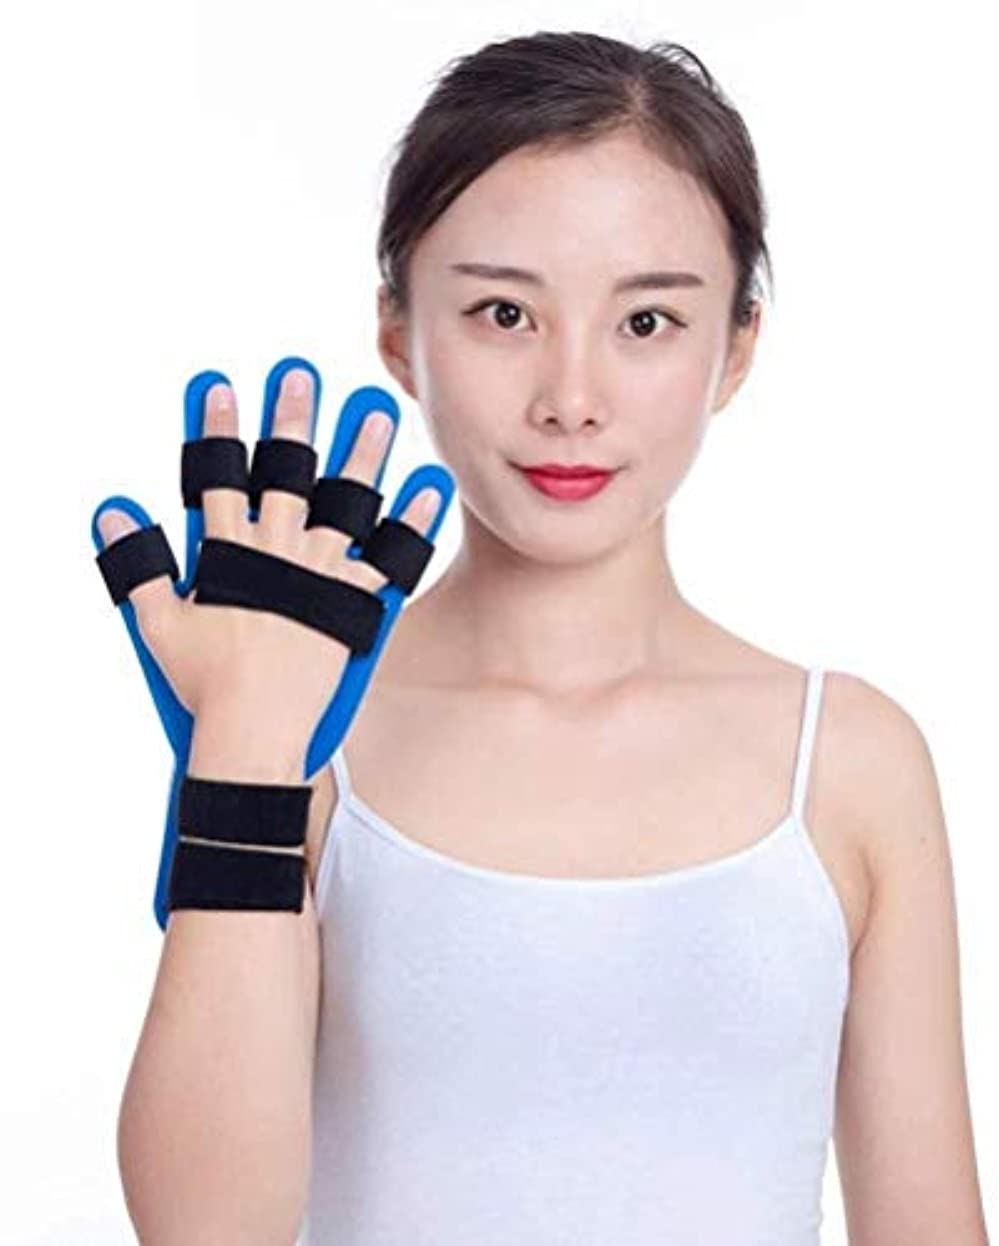 天のサイトファイター脳卒中/片麻痺/外傷性脳損傷のためのスプリントブレースの手の手首のトレーニング装具の脳卒中リハビリテーション機器を指